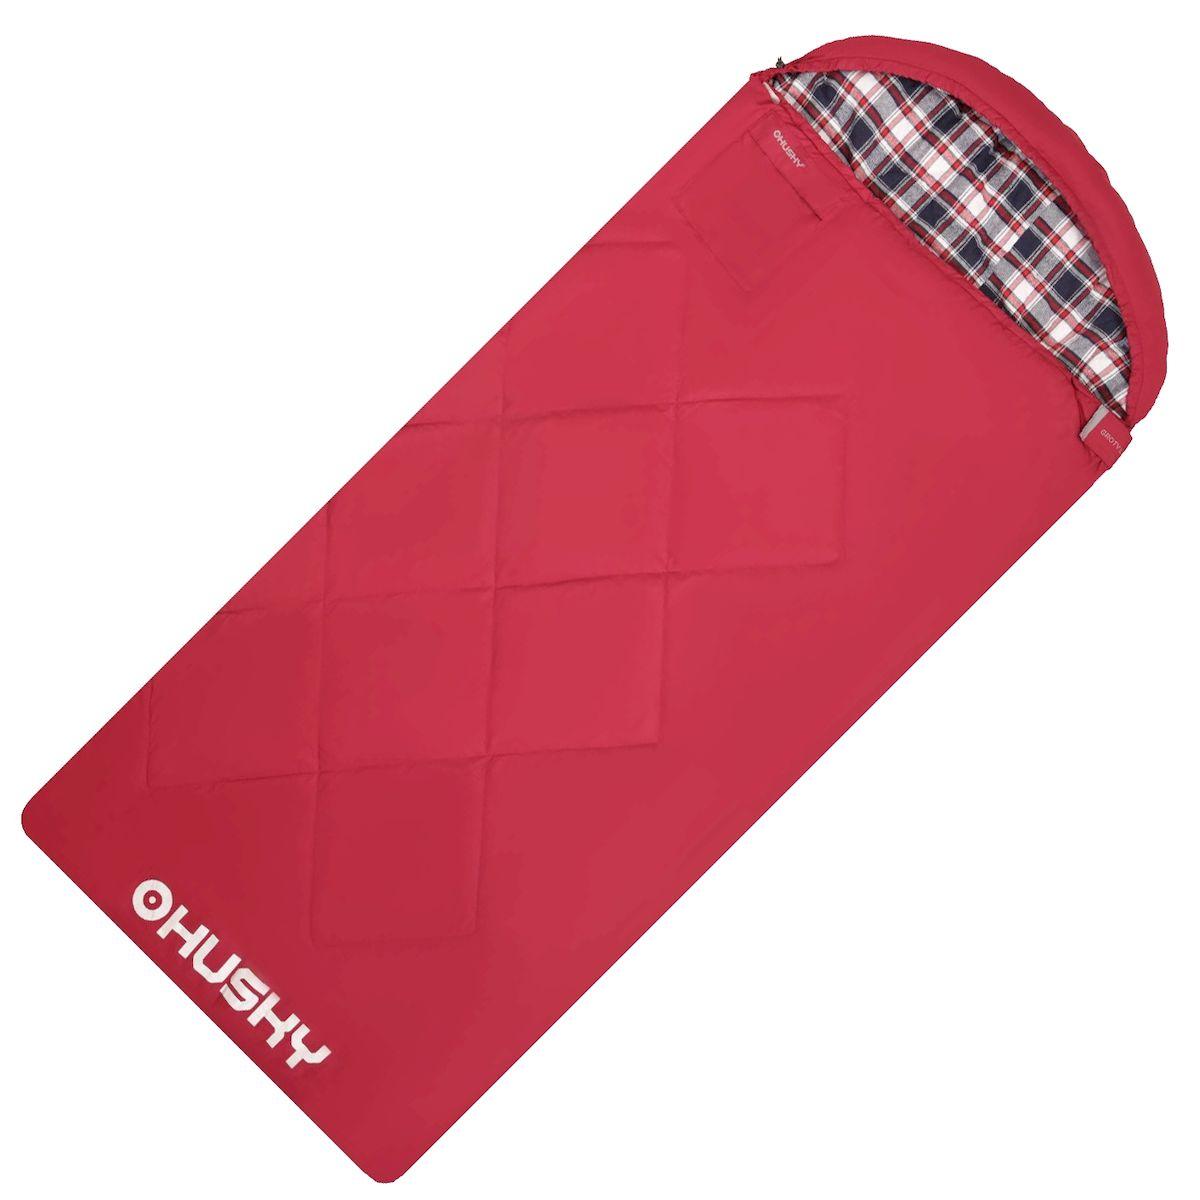 Спальник-одеяло Husky GROTY LADY -5С, левая молния, цвет: красныйУТ-000069831Двухслойный женский спальный мешок-одеяло GROTY LADY с подголовником до -5°C для кемпинга. Утеплитель из 4-х канального холофайбера, превосходная комбинация теплового комфорта с комфортом традиционного спального мешка-одеяла. Groty можно использовать не только на природе, но и в помещении как традиционное одеяло. Размер: 85 х 200 см;Размер в сложенном виде: 45 х 35 х 17 см;Вес: 2450 г/Экстремальная температура: -5°C; Комфортная температура: -0°C ... +5°C;- Внешний материал: Pongee 75D 210T (лен);- Внутренний материал: флис (полиэстер);- Утеплитель: 2 слоя 150 г/м2 HollowFibre;- Конструкция: два слоя;- Компрессионный мешок;- Петли для сушки.